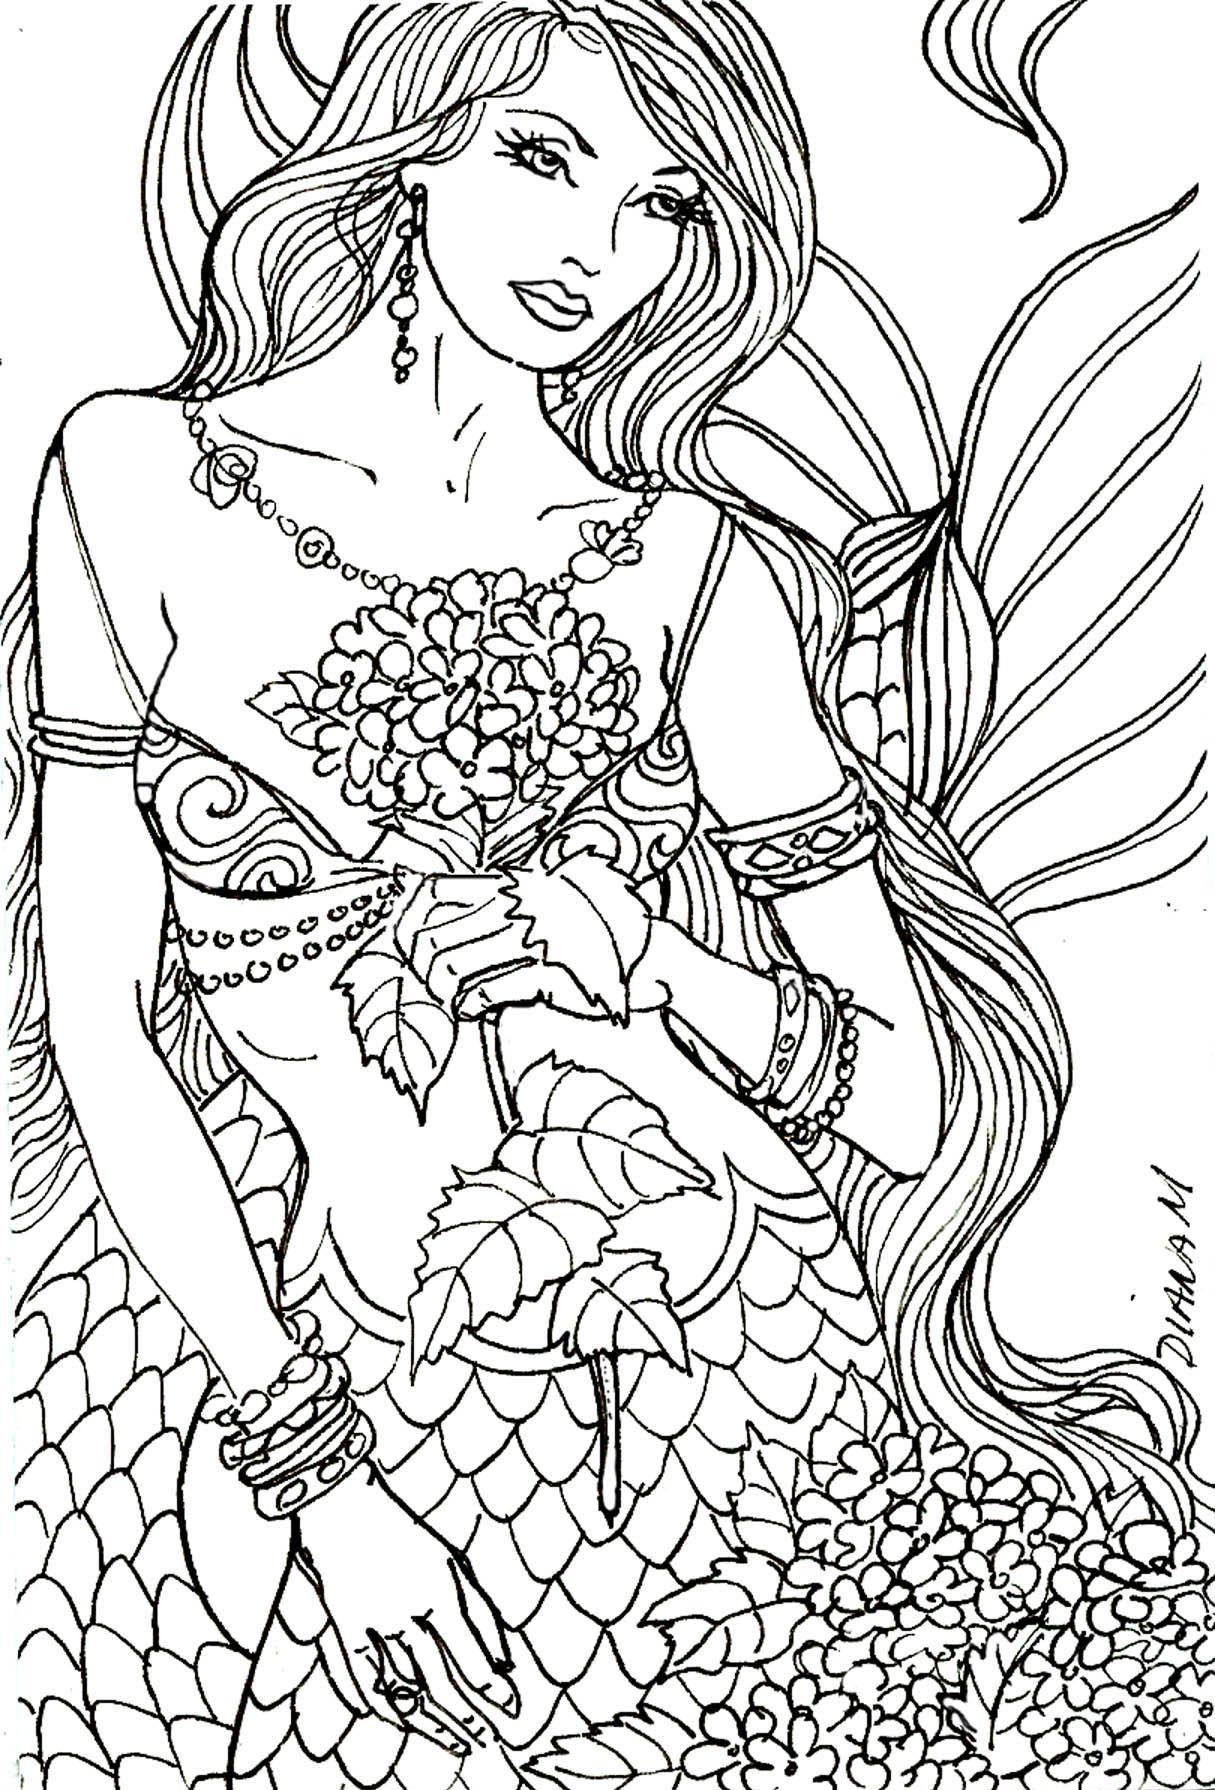 Sirena adulta colorear para colorear p gina gratuita - Colorazione sirena pagina sirena ...